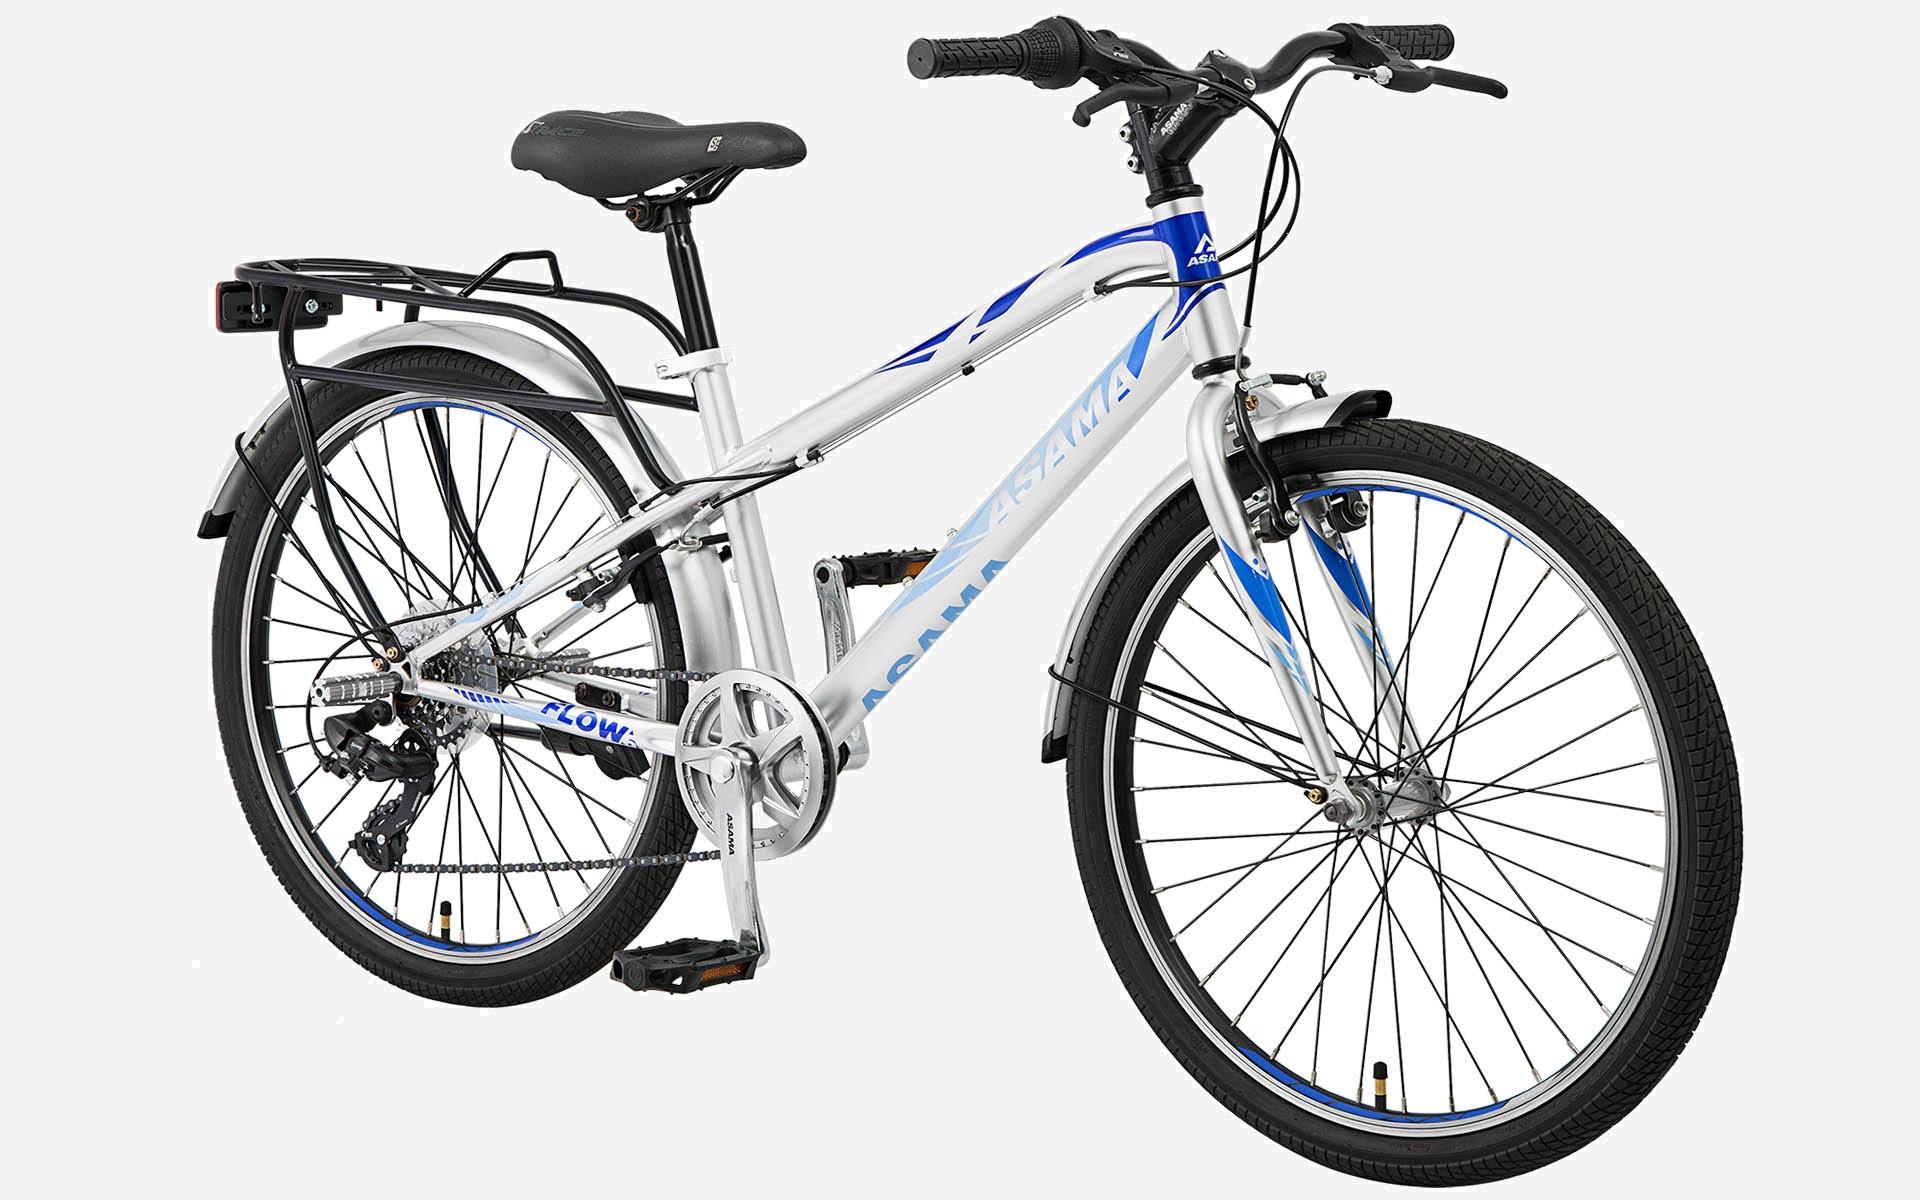 Xe đạp trẻ em trên 12 tuổi Asama Flow 6